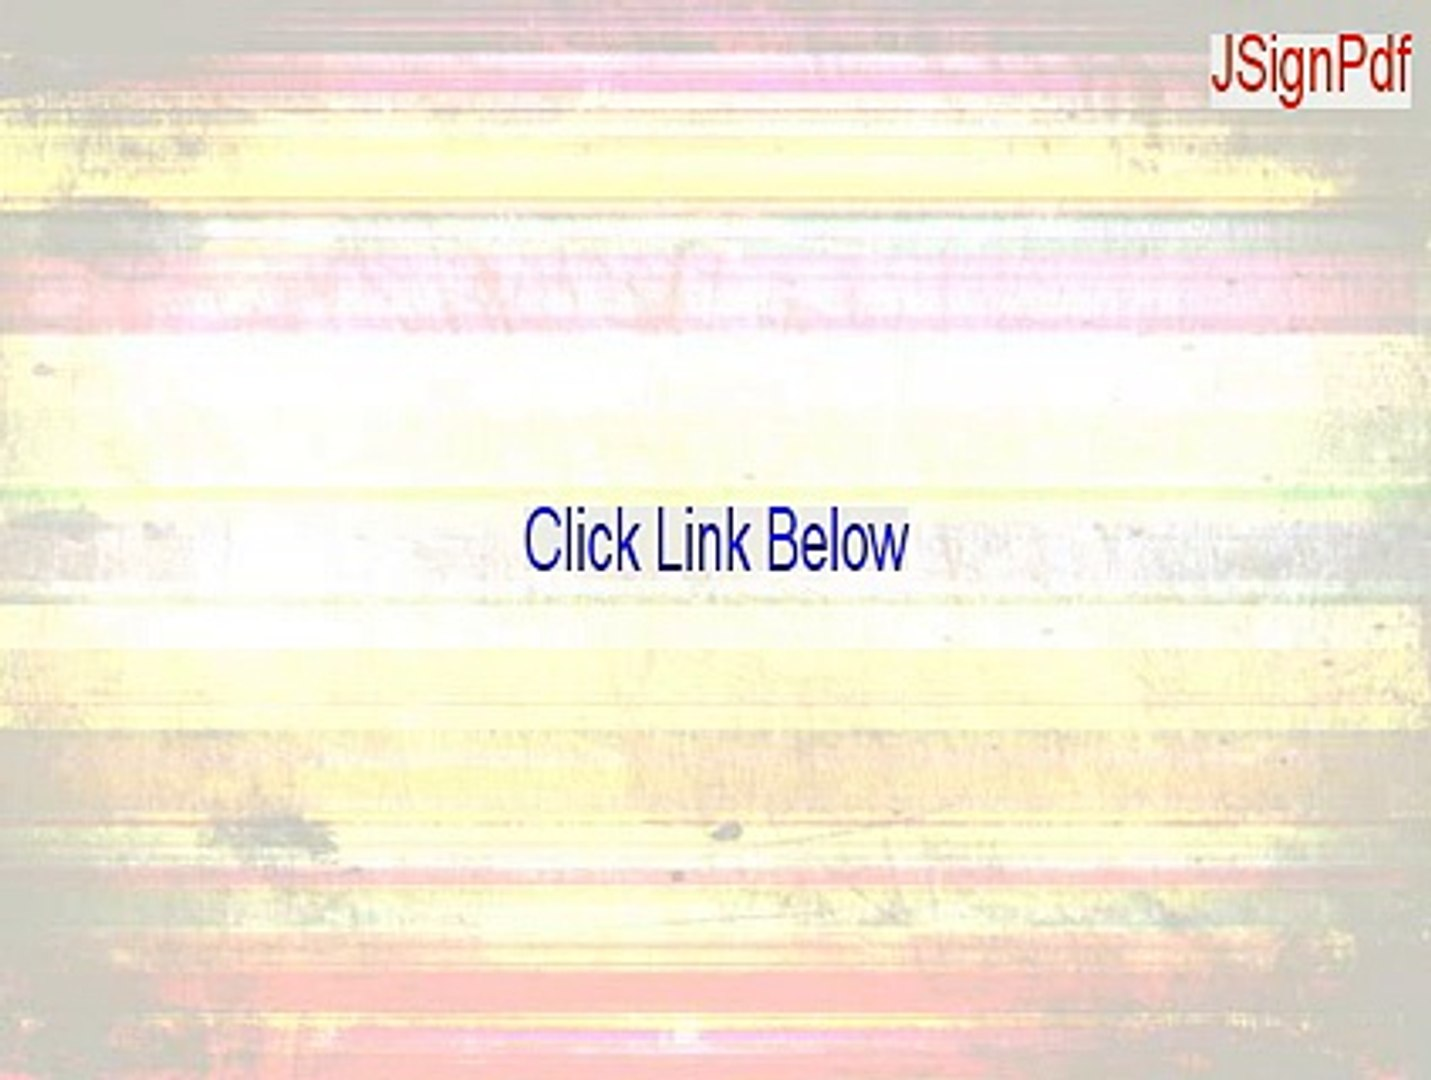 JSignPdf Full Download [jsignpdf command line 2015]